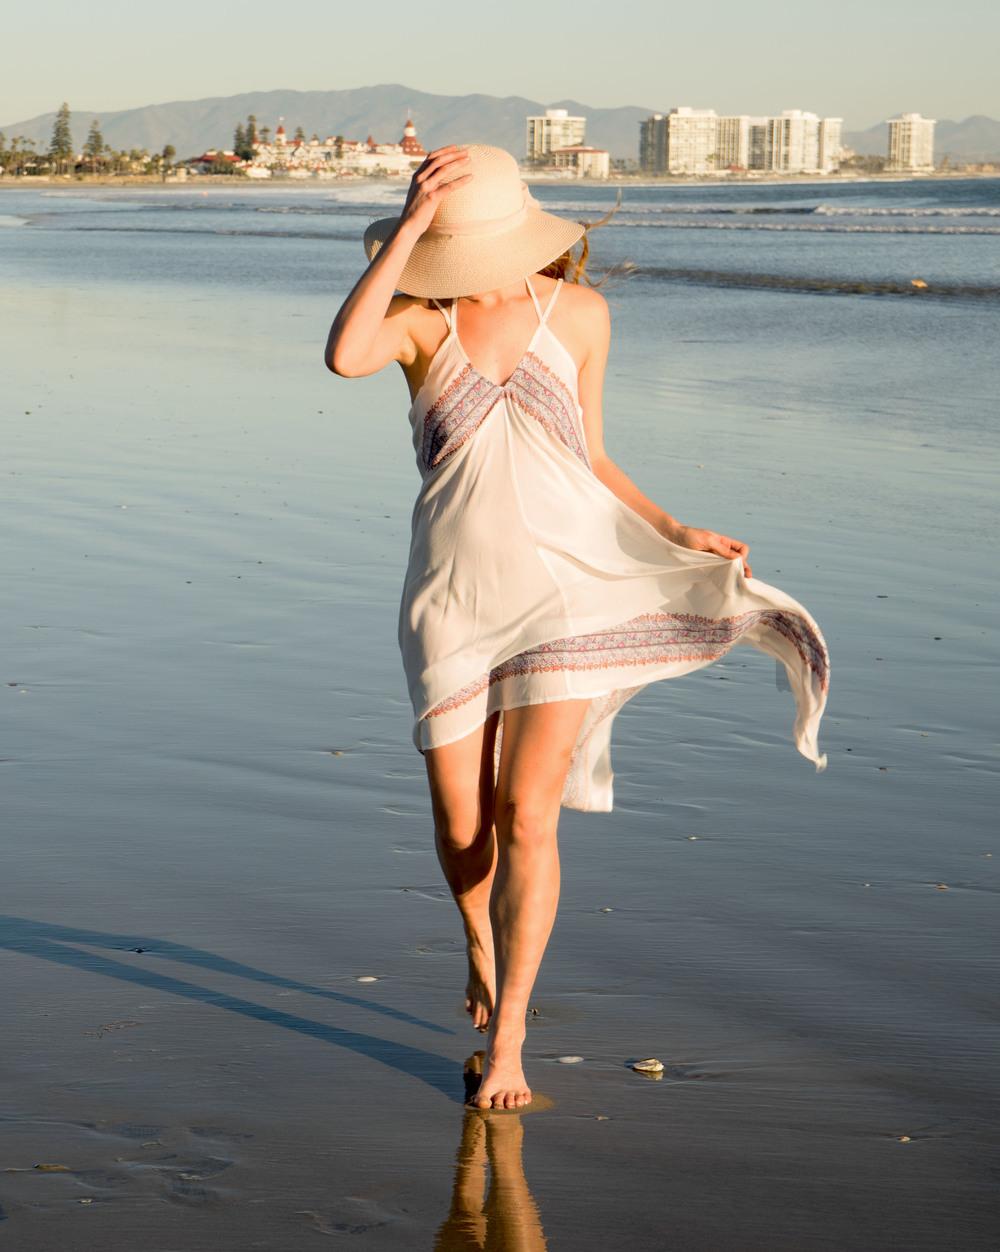 Walking on Breaker's Beach in Coronado, wearing O'Neill dress